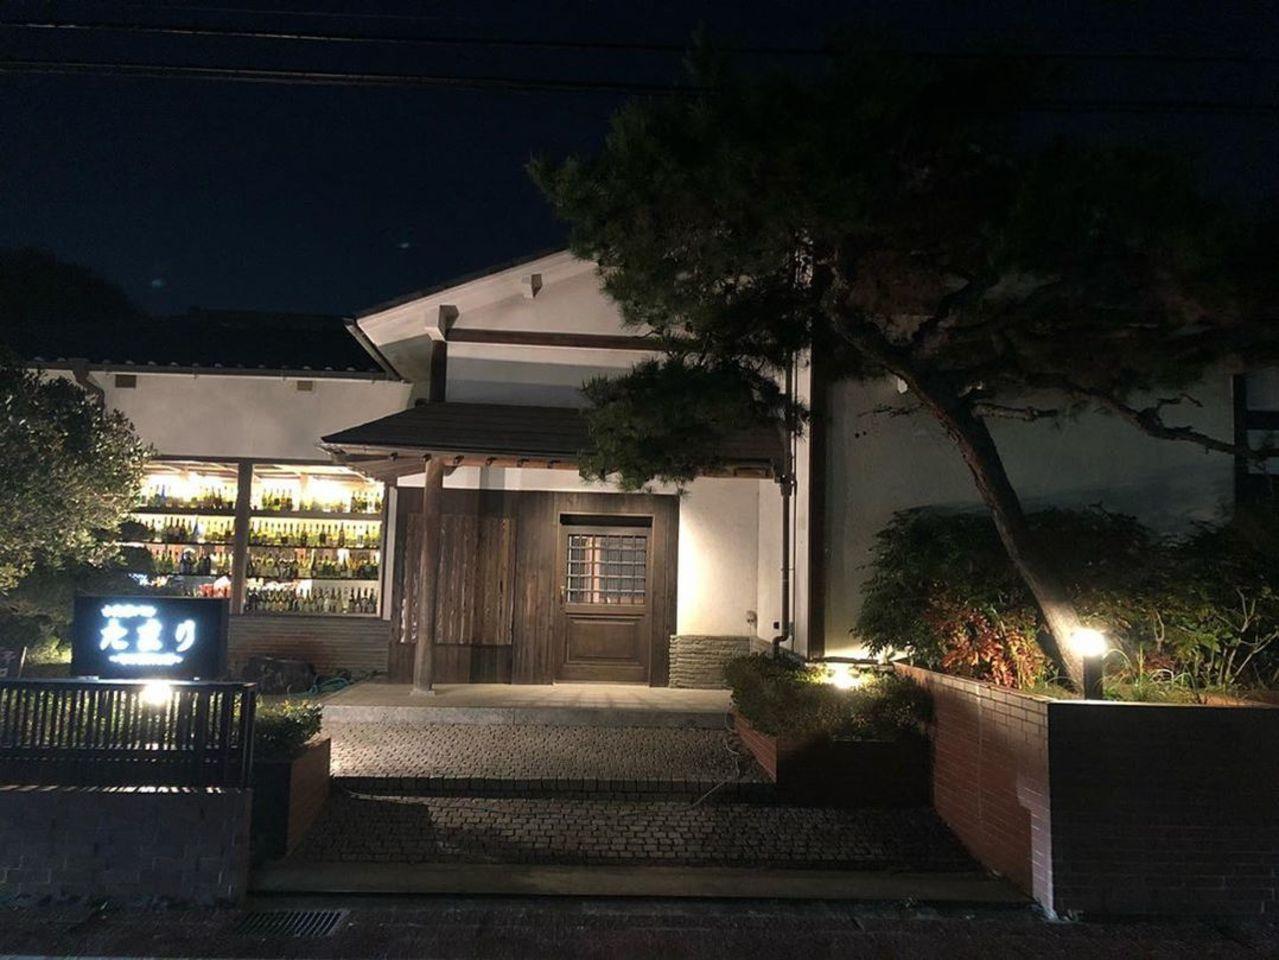 茨城県つくば市吾妻3丁目に隠れ家的な居酒屋「古民家バル たまり」5月18日オープン!